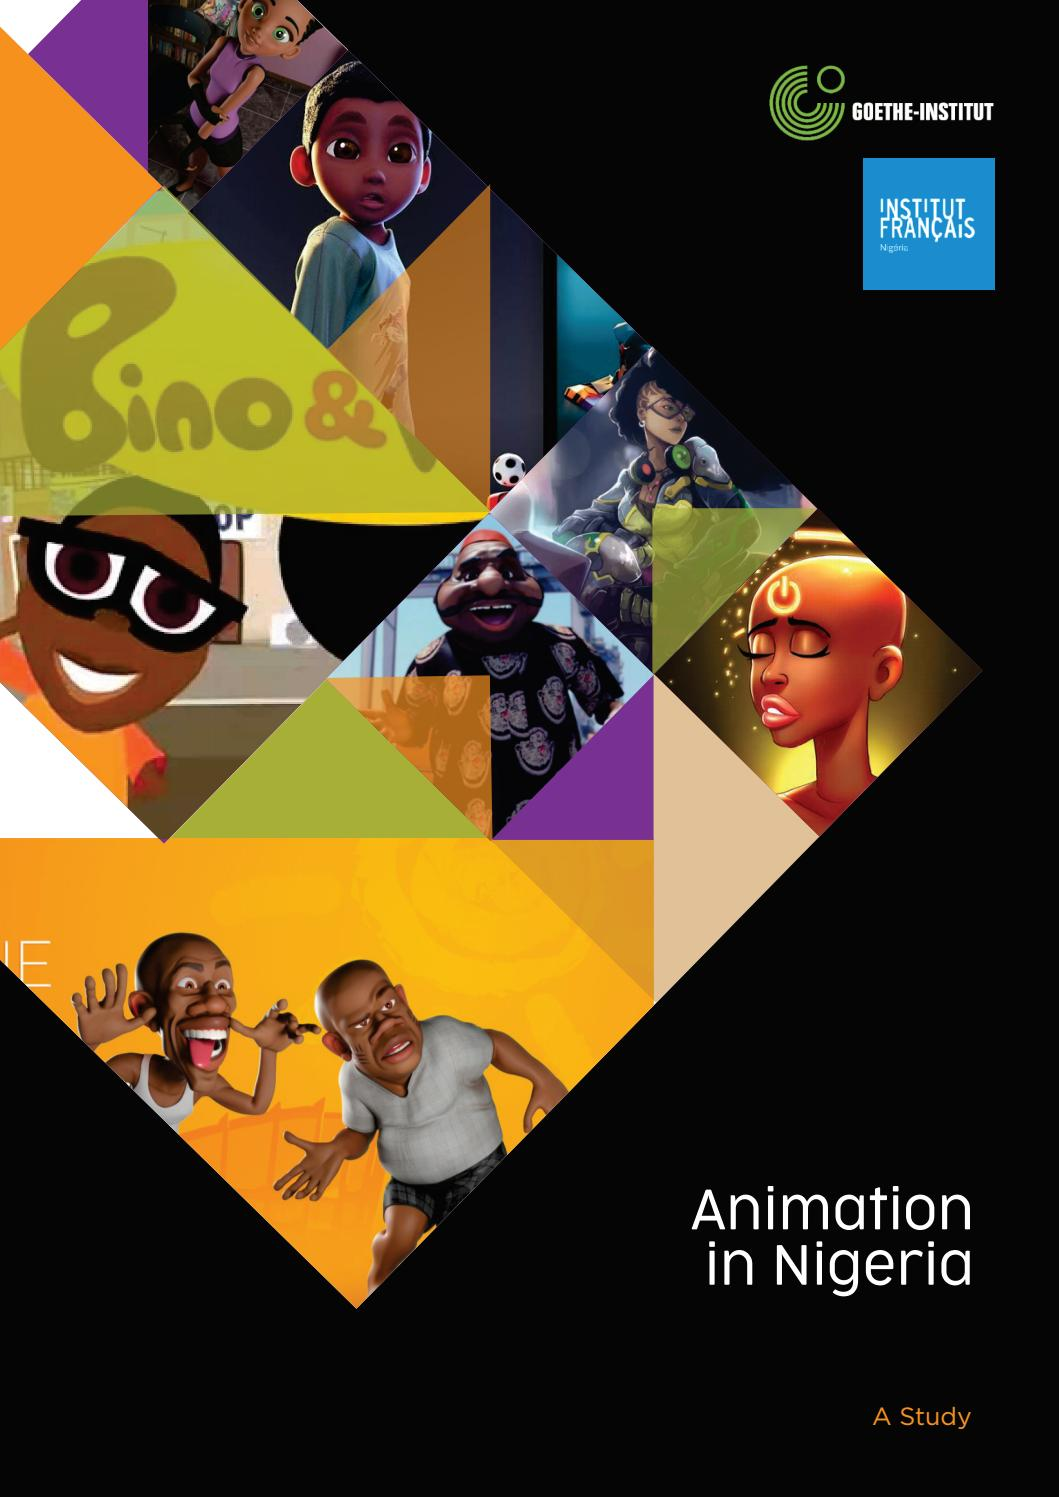 Animation in Nigeria by Institut Français du Nigeria - issuu